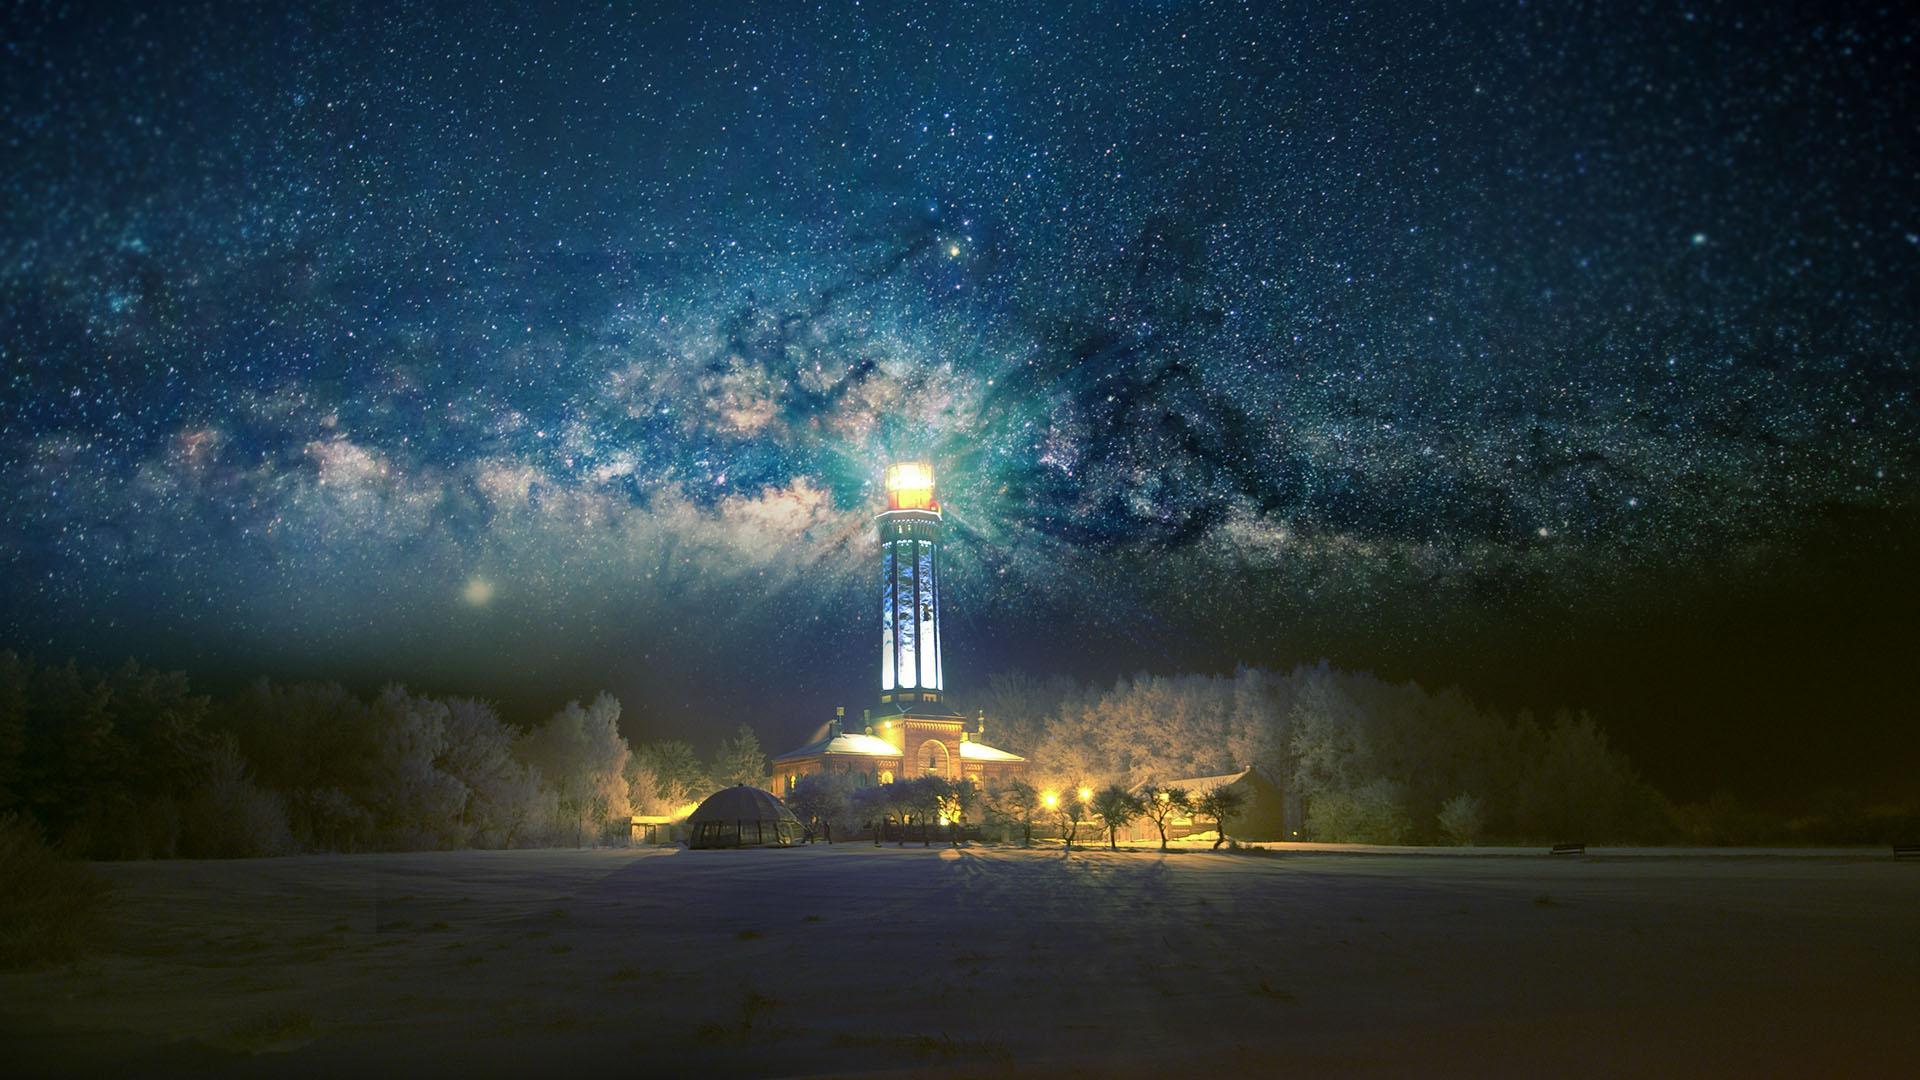 Latarnia morska w Niechorzu zimową porą. W tle gwieździste niebo.